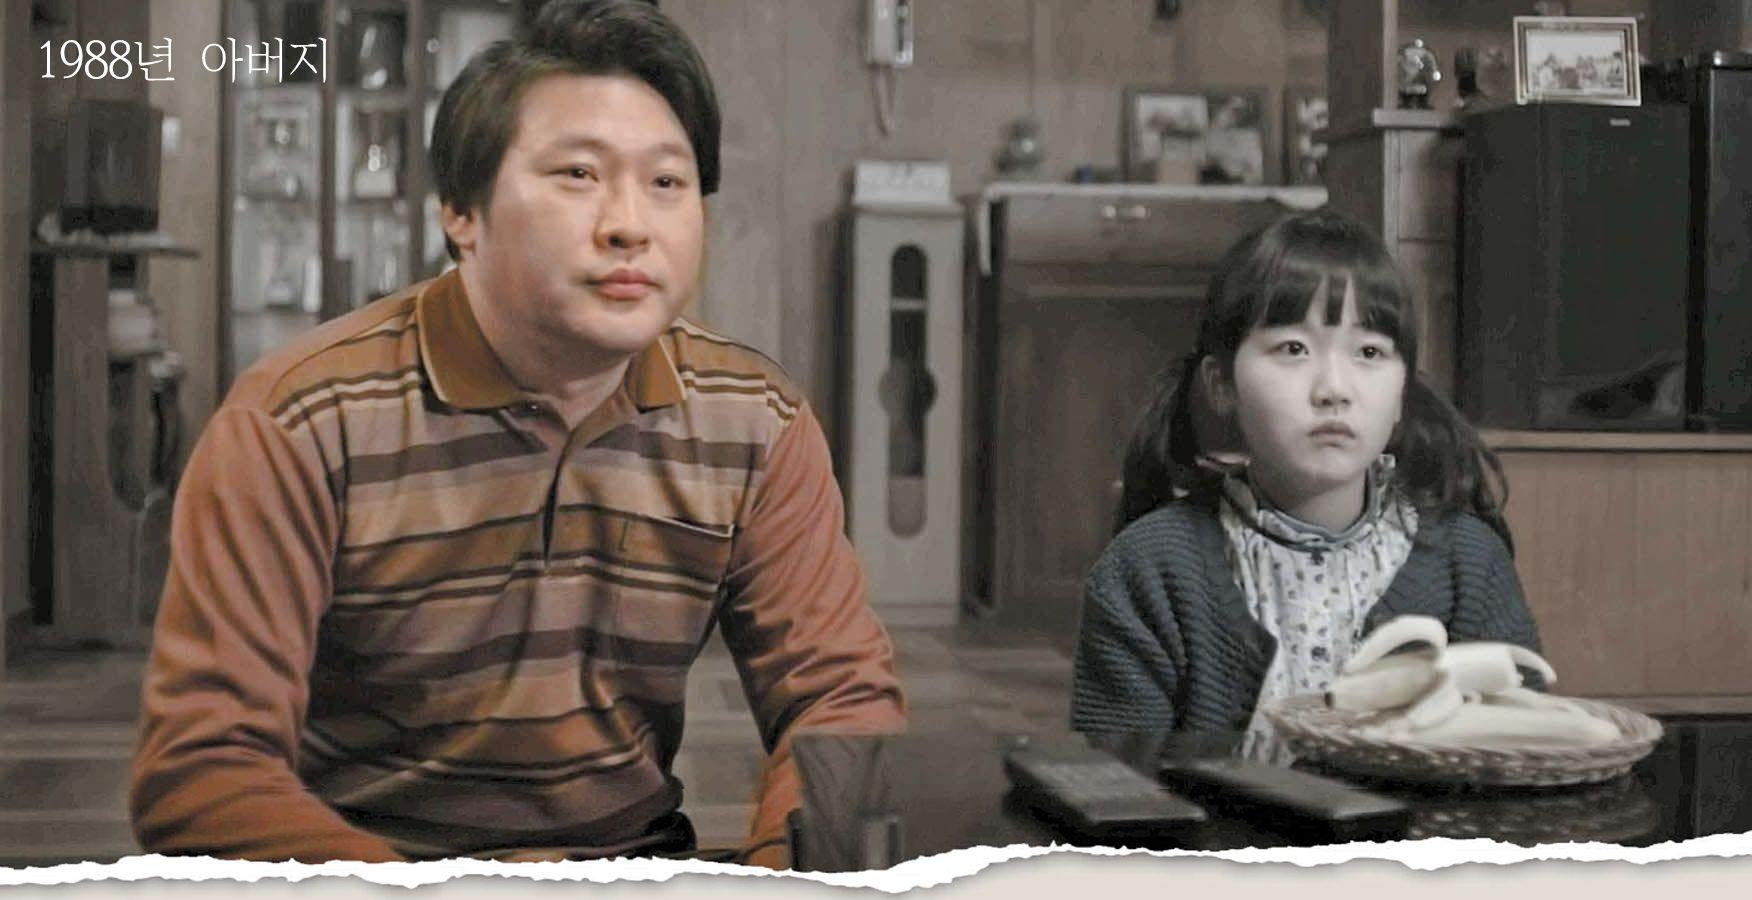 자녀를 사랑하는 마음은 크다. 하지만 말이나 행동으로 표현하는 건 어색하다. 우리네 아버지 들은 이런 무뚝뚝한 가장의 모습이었다. 당시 아버지와 자녀가 함께하는 시간은 그저 TV 앞에 앉았을 때 뿐. 이때도 대화는 없었다. [사진 '응답하라 1988' 영상 캡처]